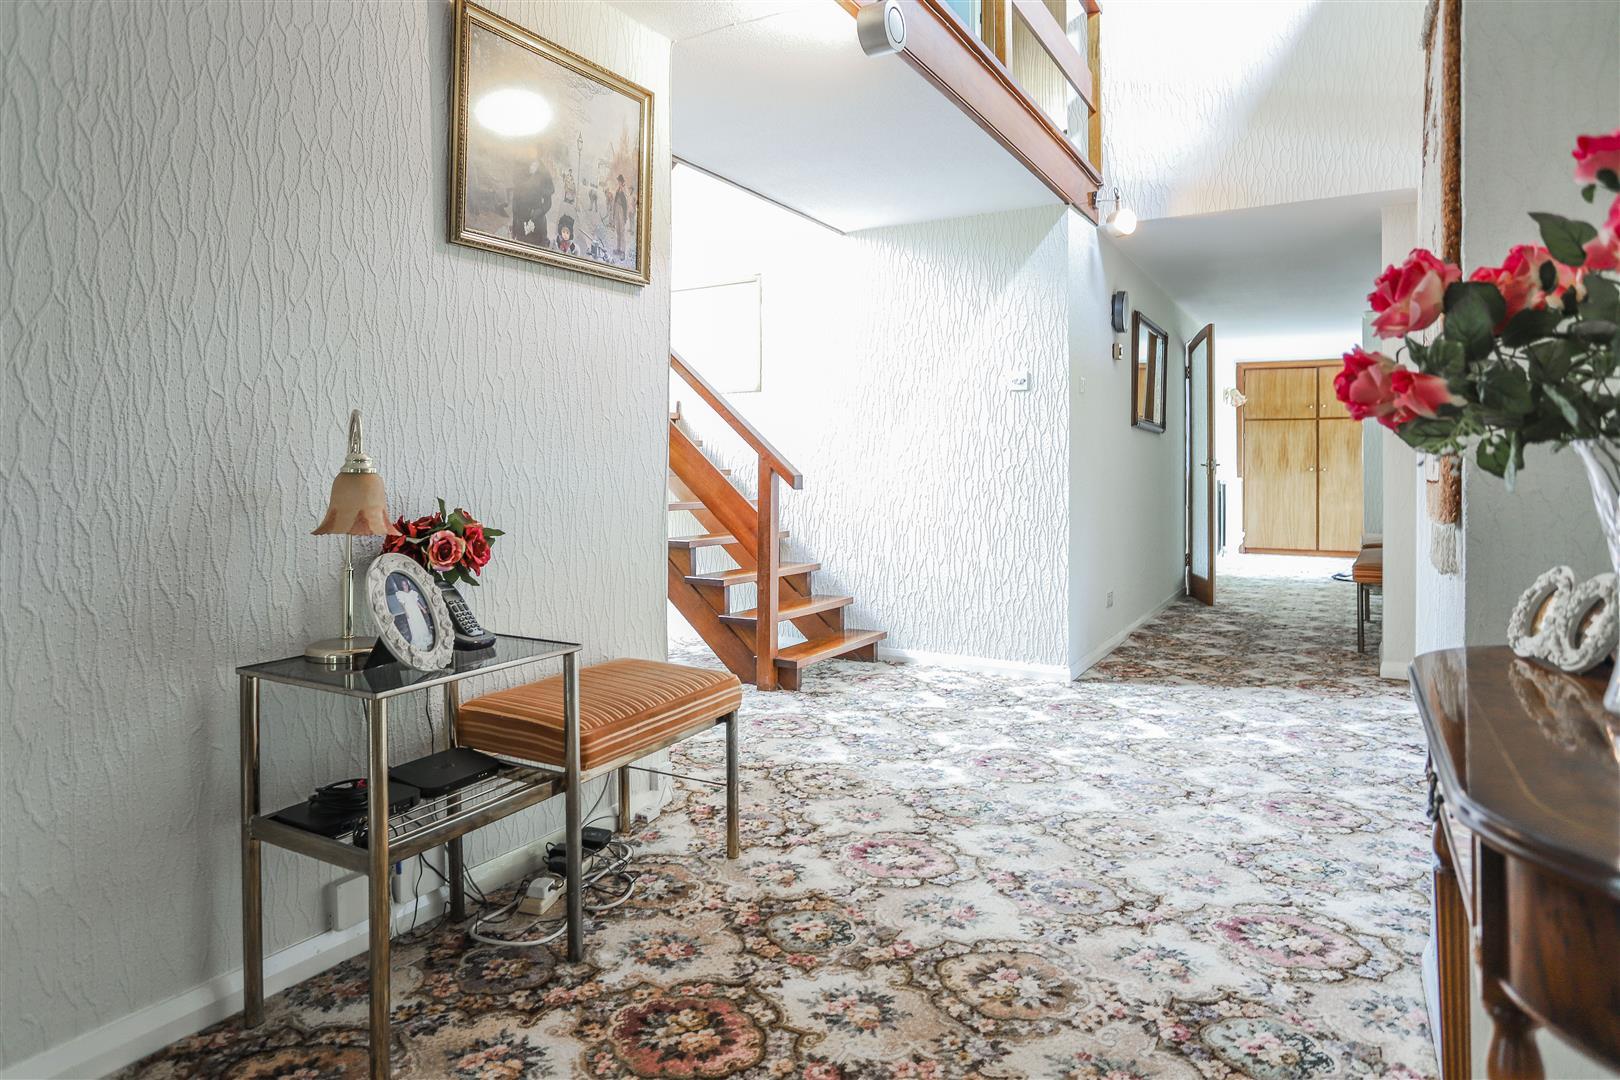 5 Bedroom Farmhouse For Sale - 9.JPG